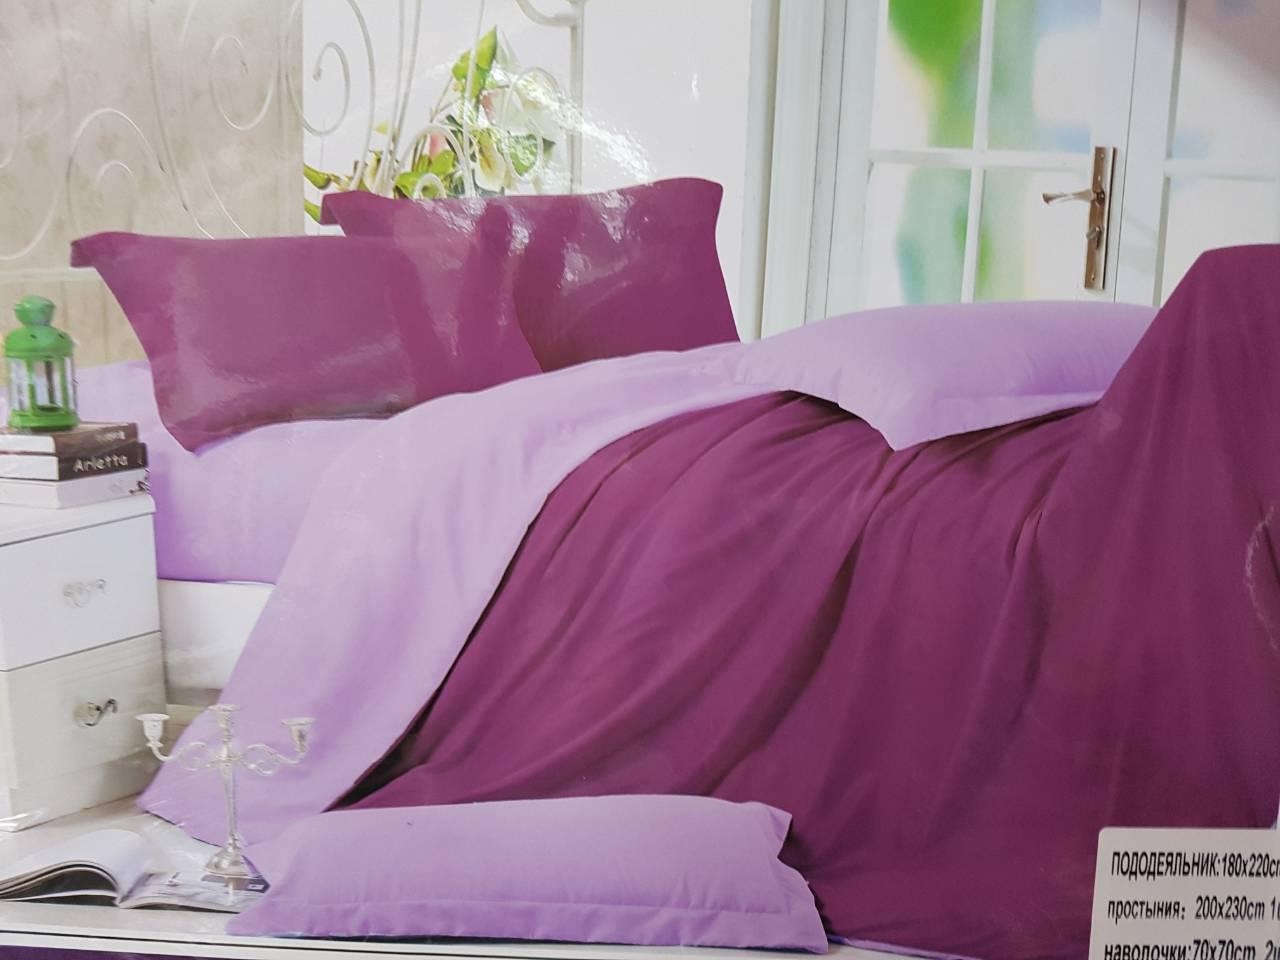 2419fe22f539 Комплект постельного белья однотонка сатин (качество хорошее) 180х220 размер